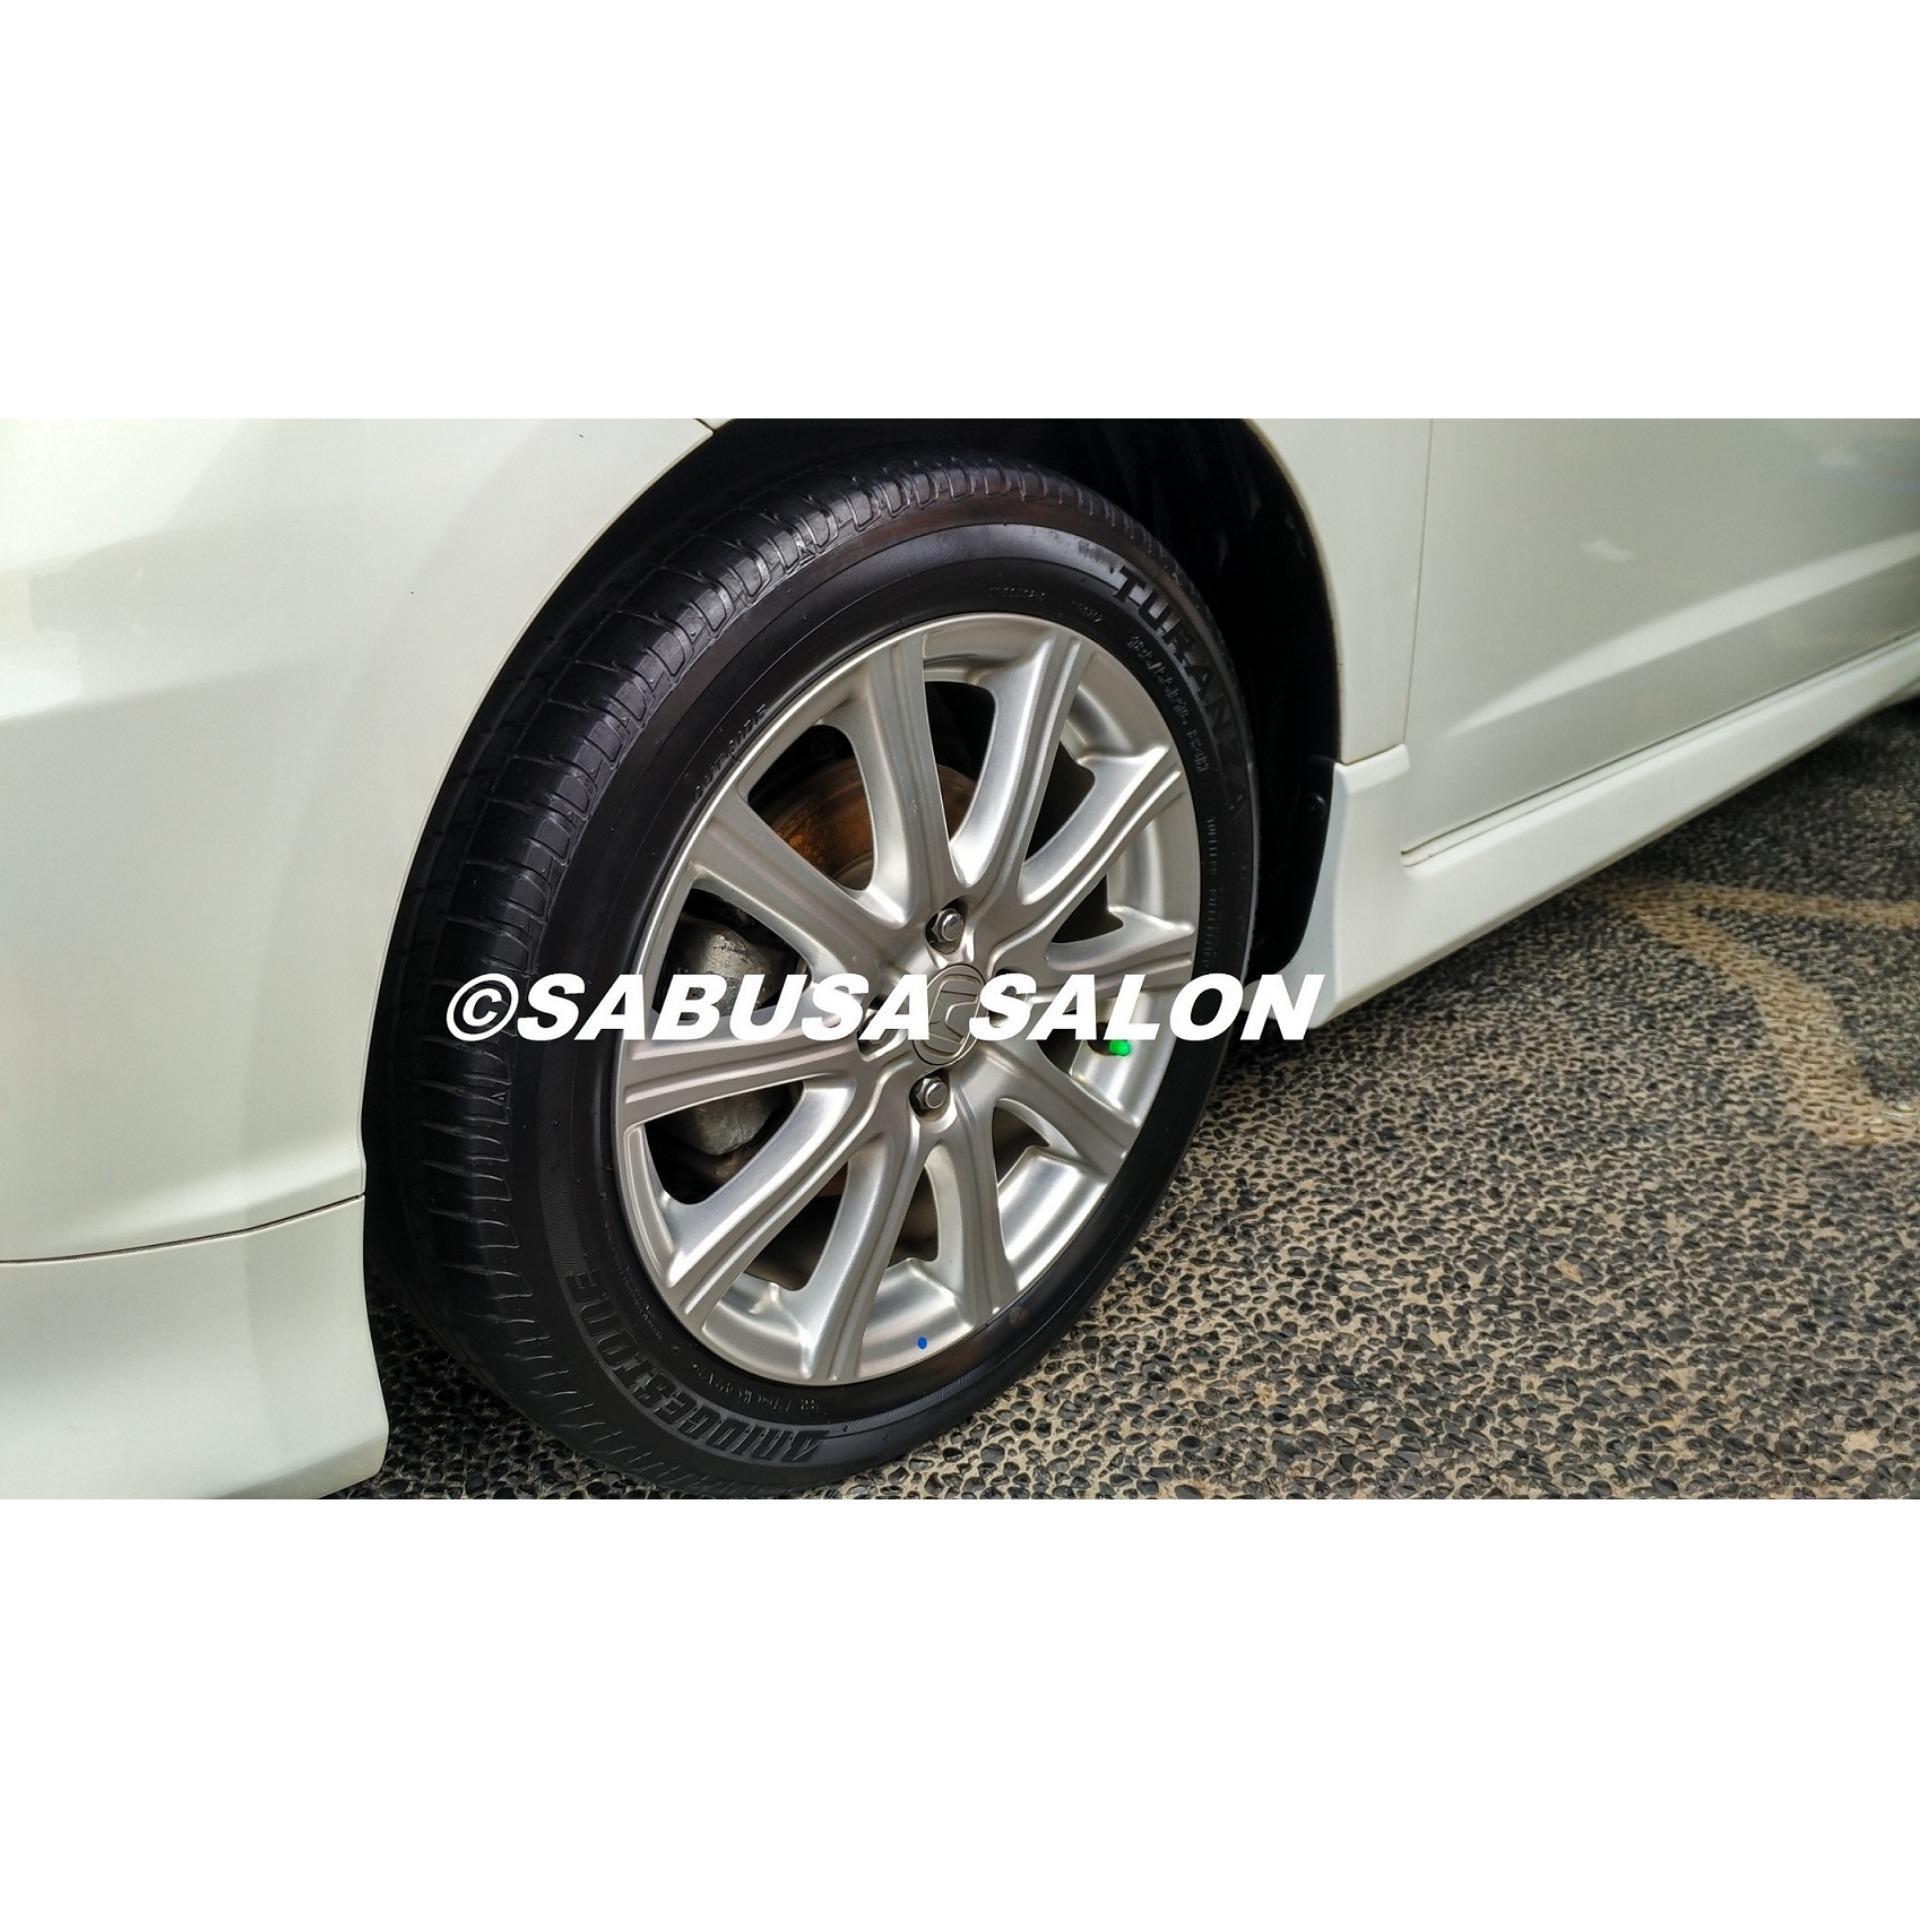 Semir Ban Dasboard Mobilmotor Daftar Harga Terbaru Terlengkap Meguiars G7516 Endurance High Gloss Tire Gel 6 Btl Mobil Sabusa Dashboard Mesin Karet Pengkilap Interior Danmesin